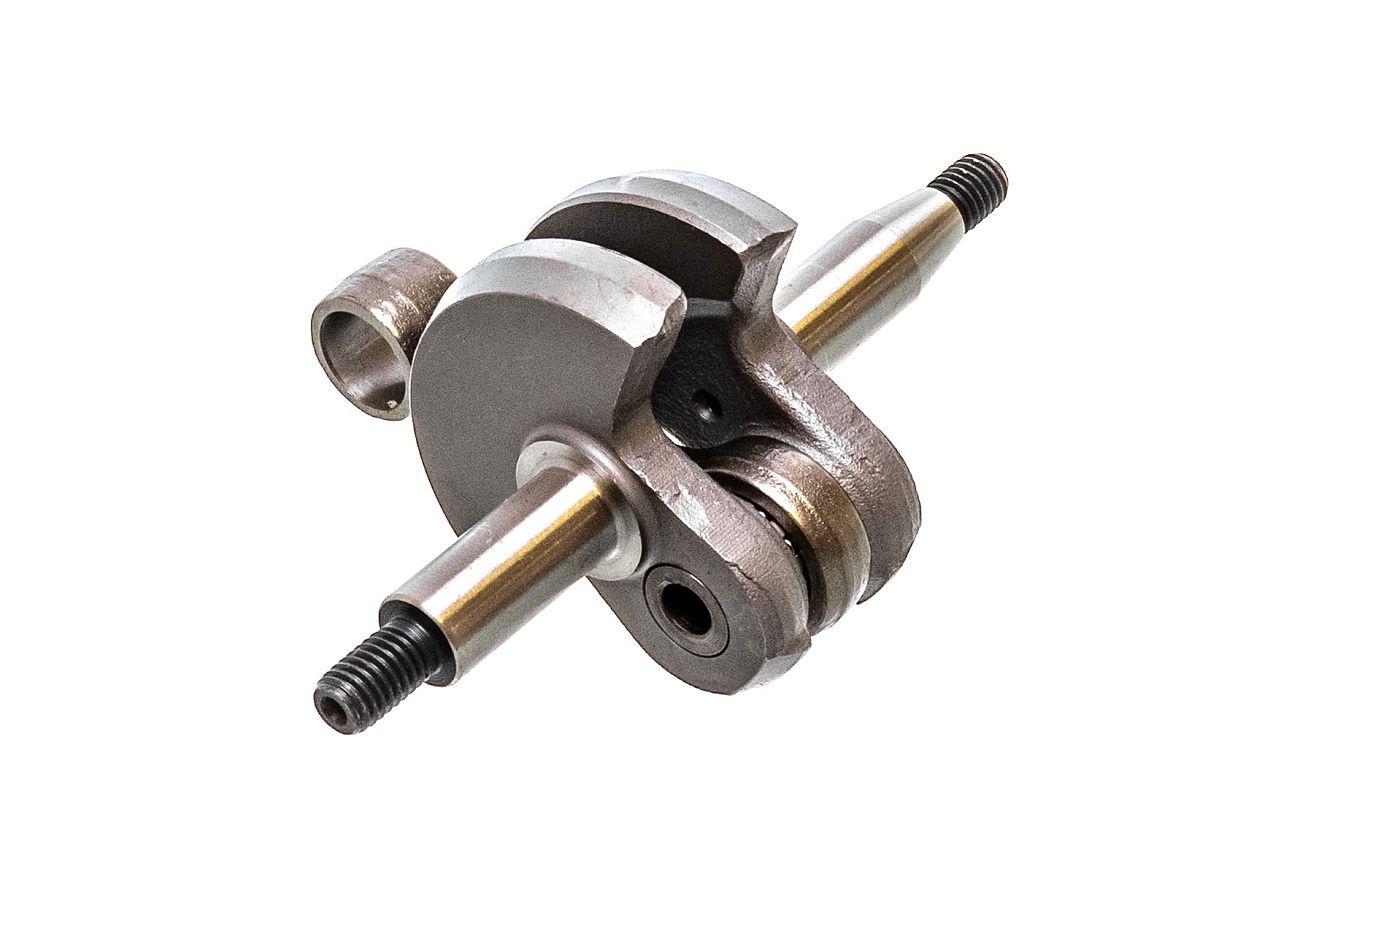 Kľukový hriadeľ FS400/FS450/FS480/ FR450/FR480/SP400/SP450/ SP451/SP481